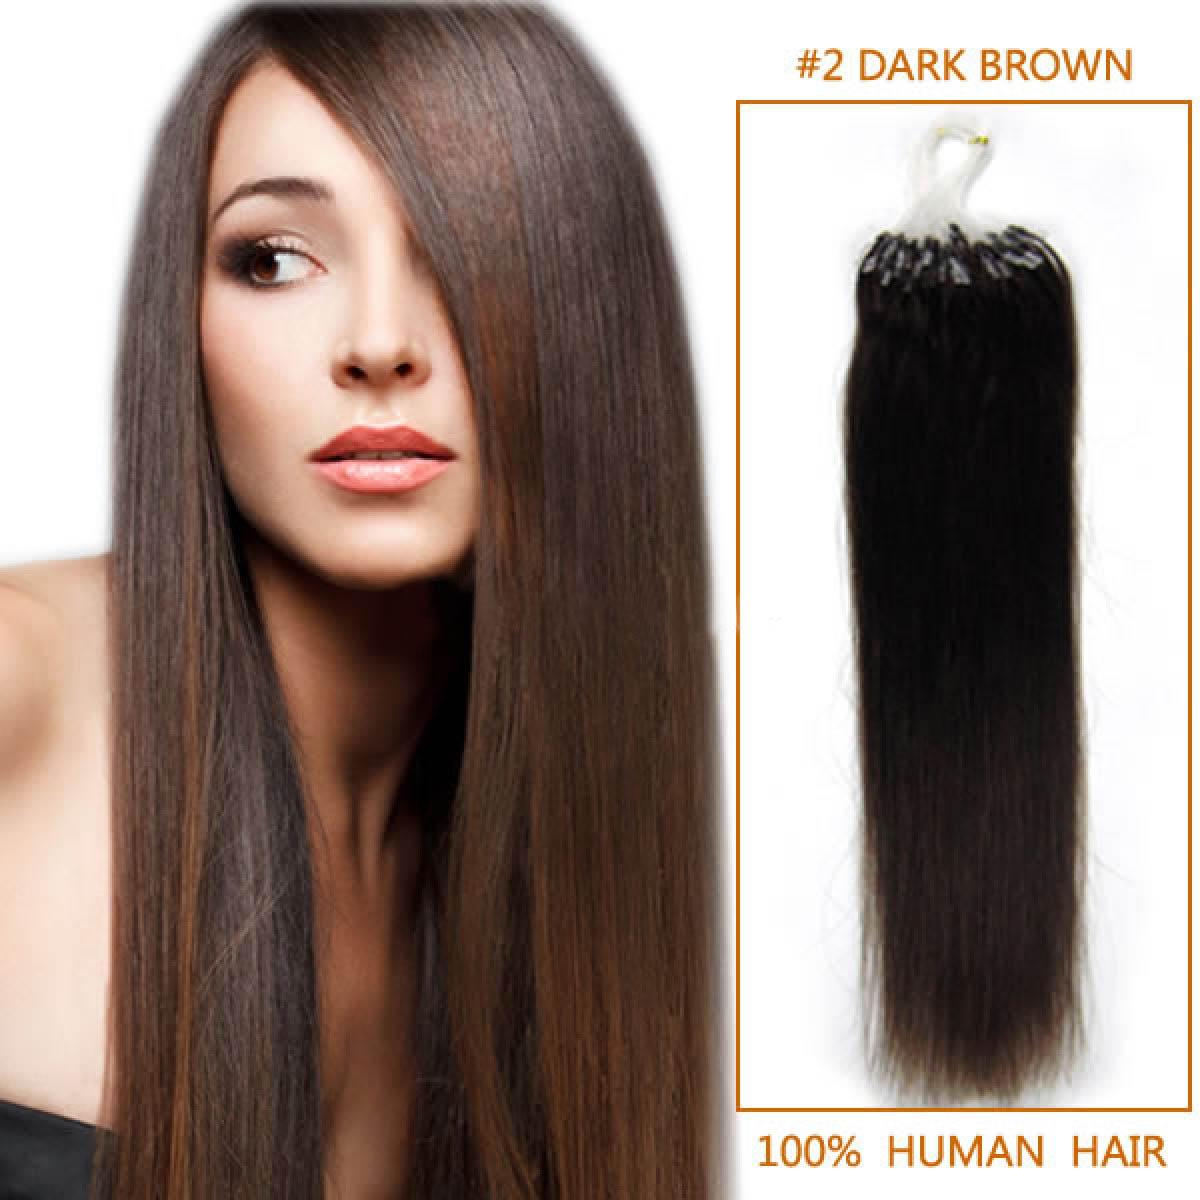 22 Inch 2 Dark Brown Micro Loop Human Hair Extensions 100s